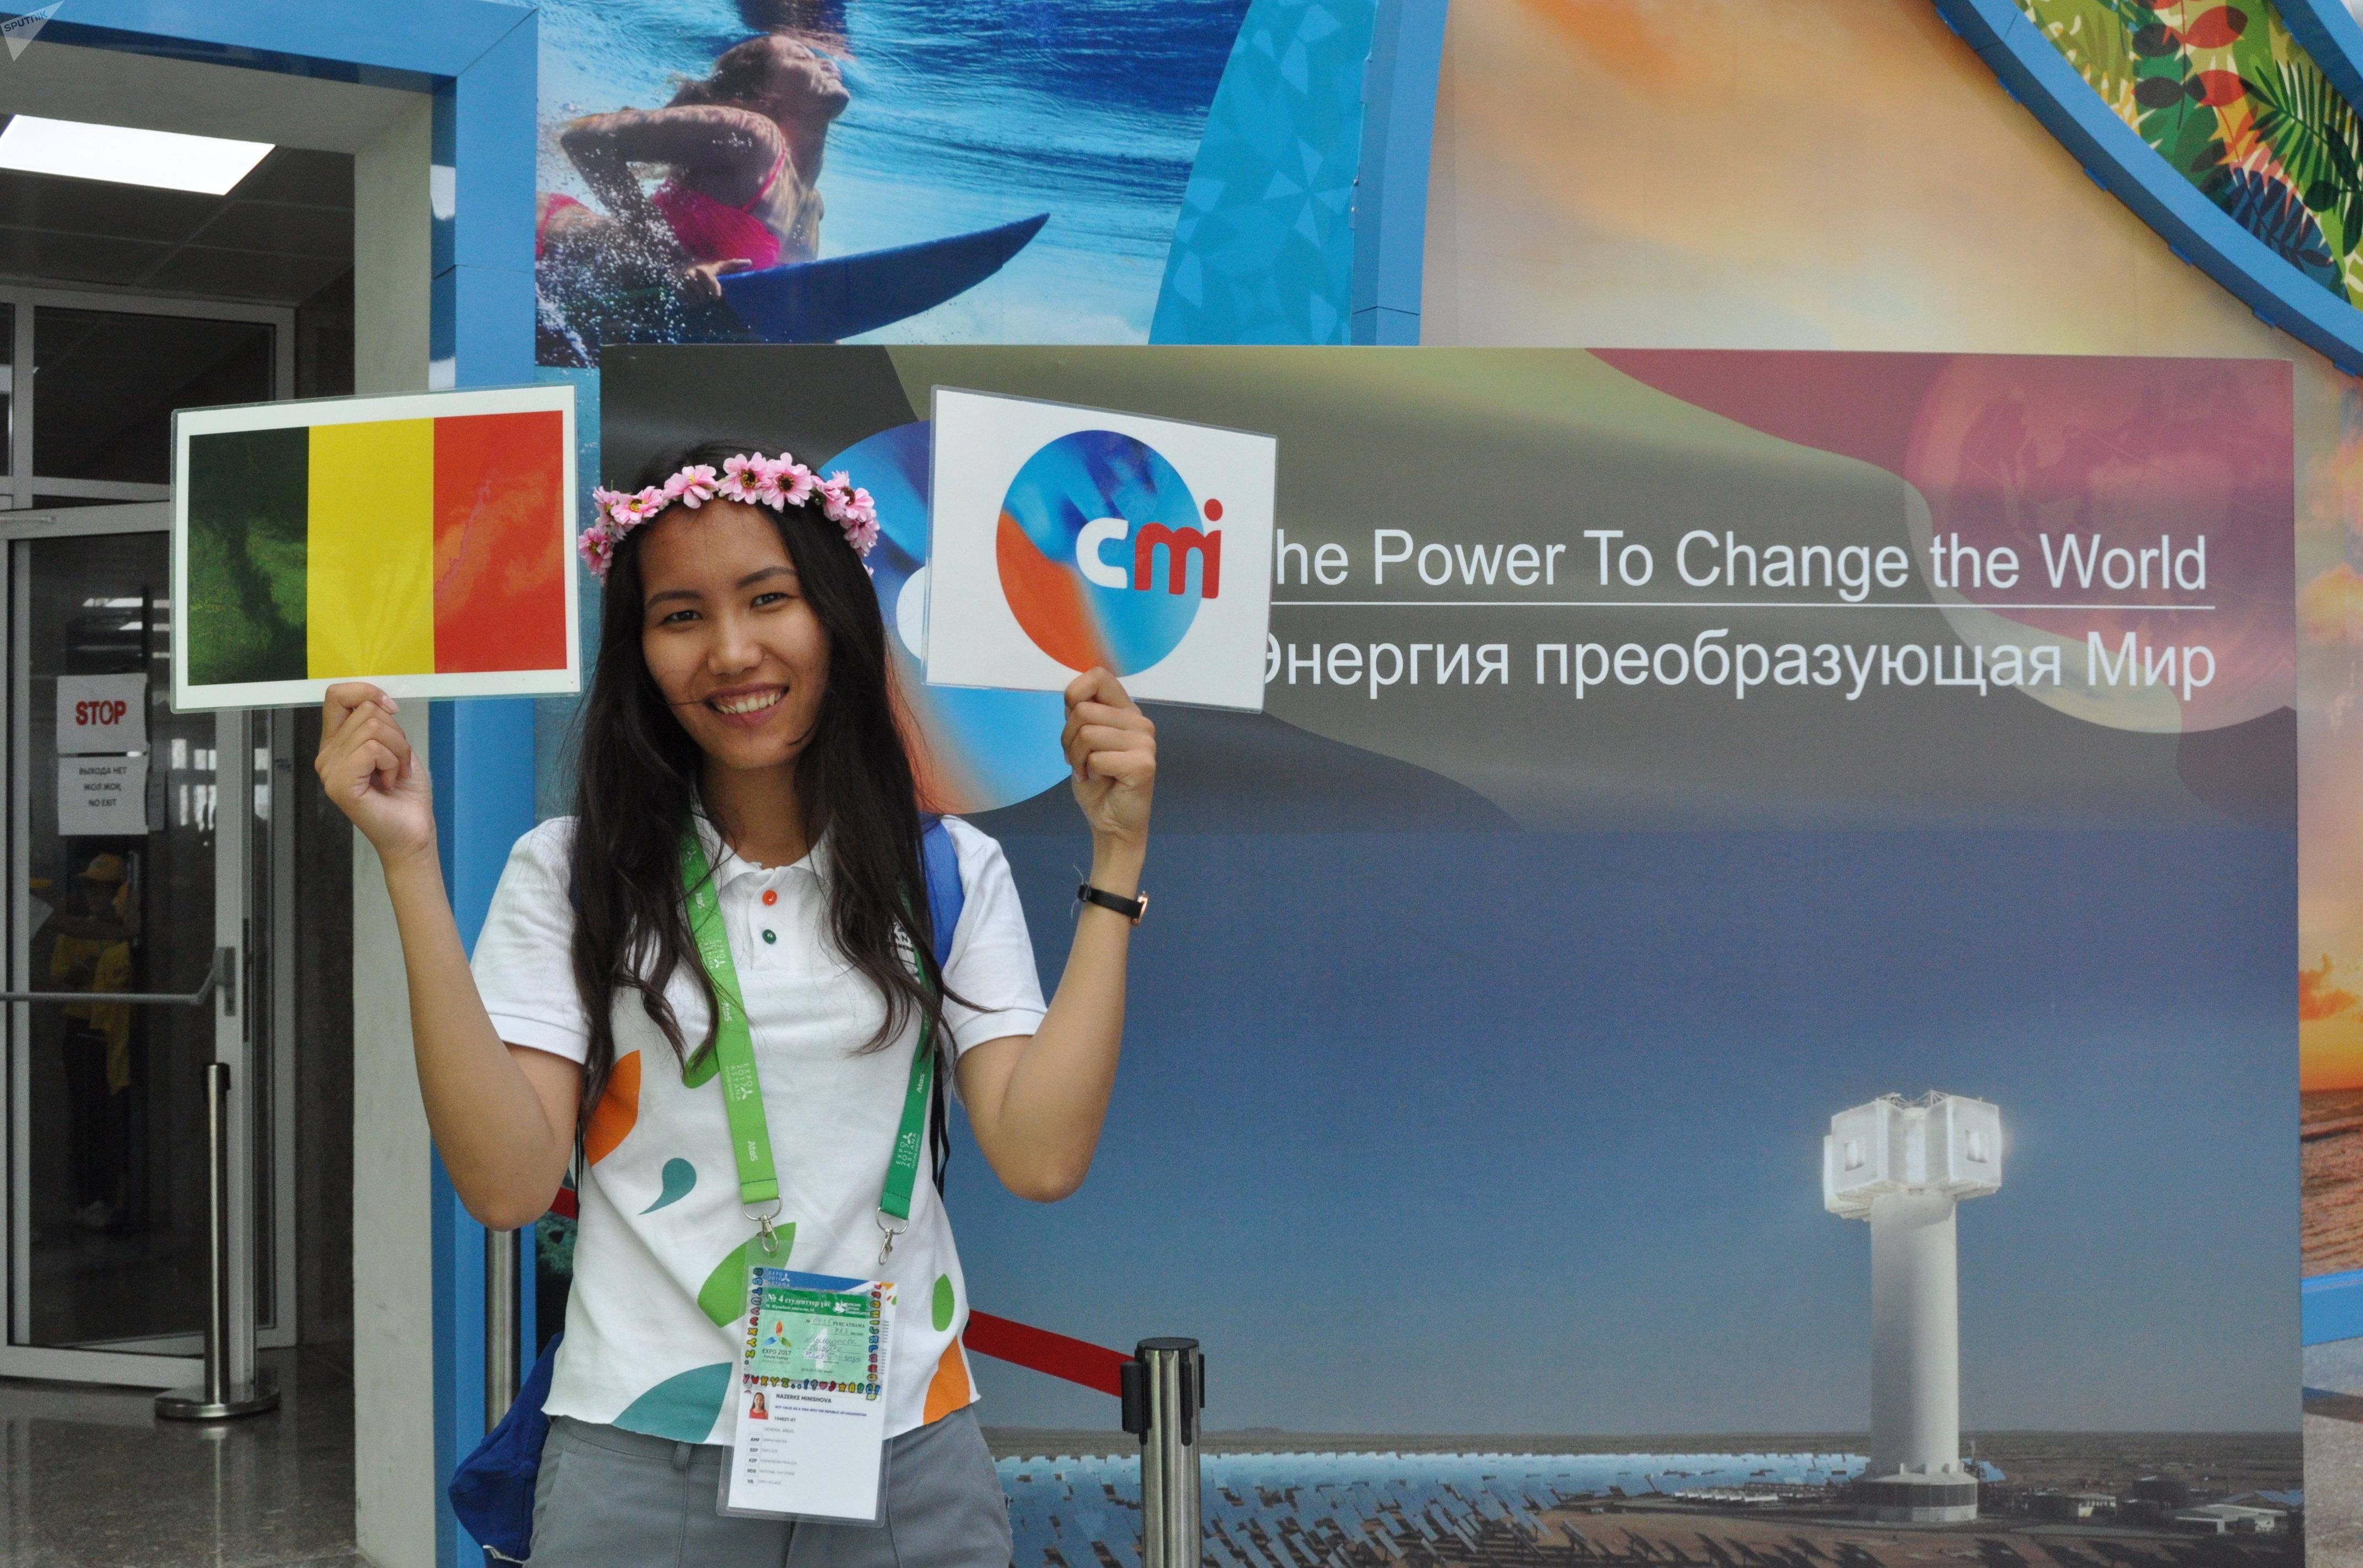 Бельгия представила на ЭКСПО проект солнечной электростанции в Кызылорде